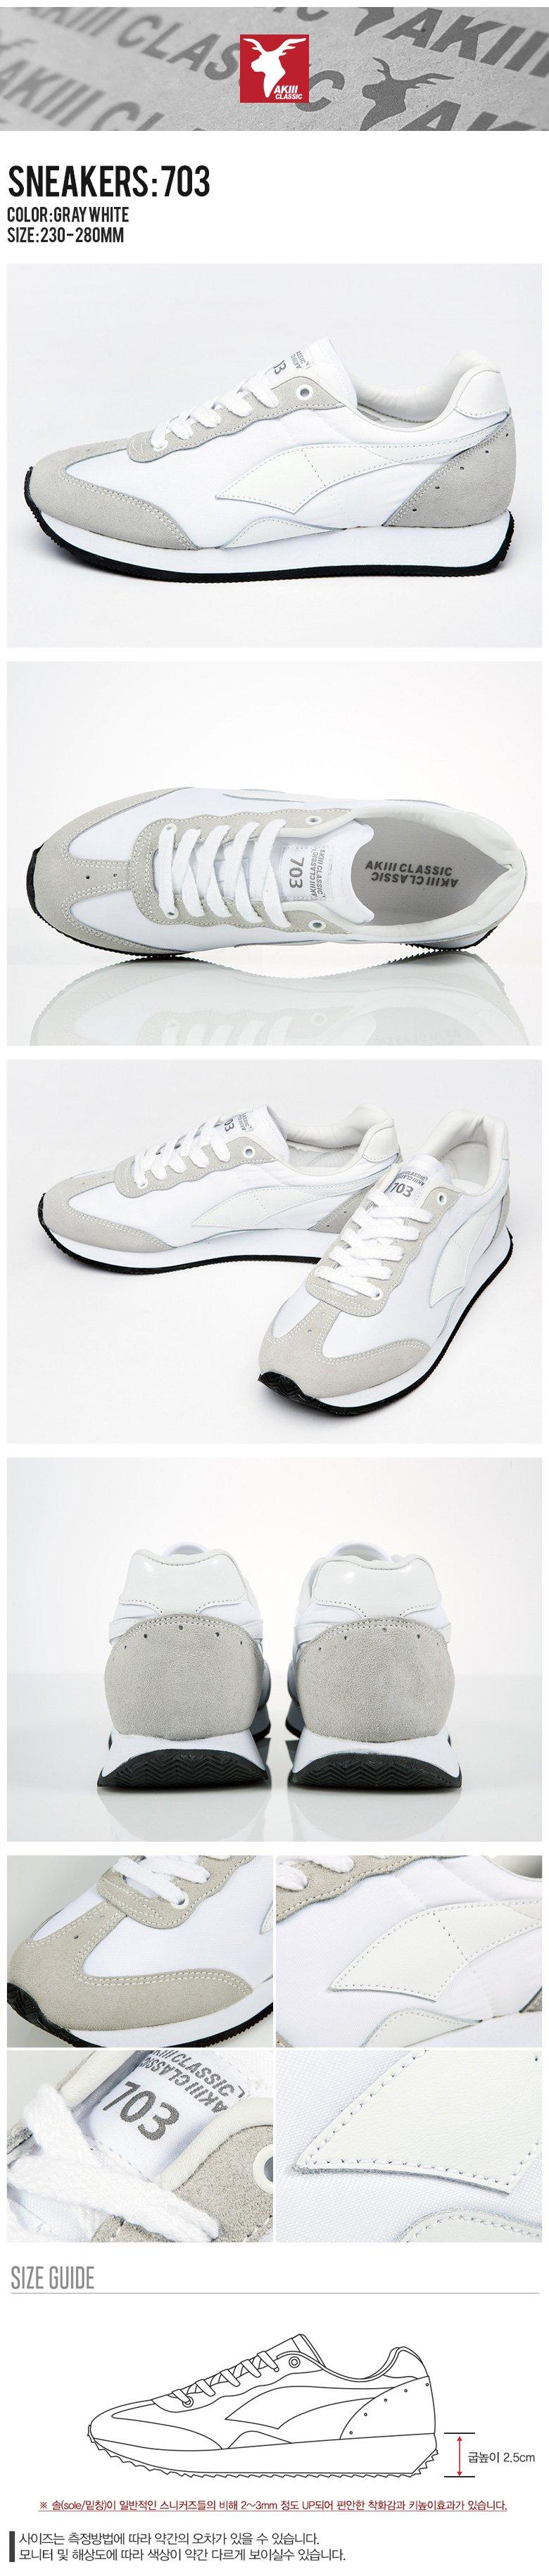 sneakers_703_graywhite.jpg